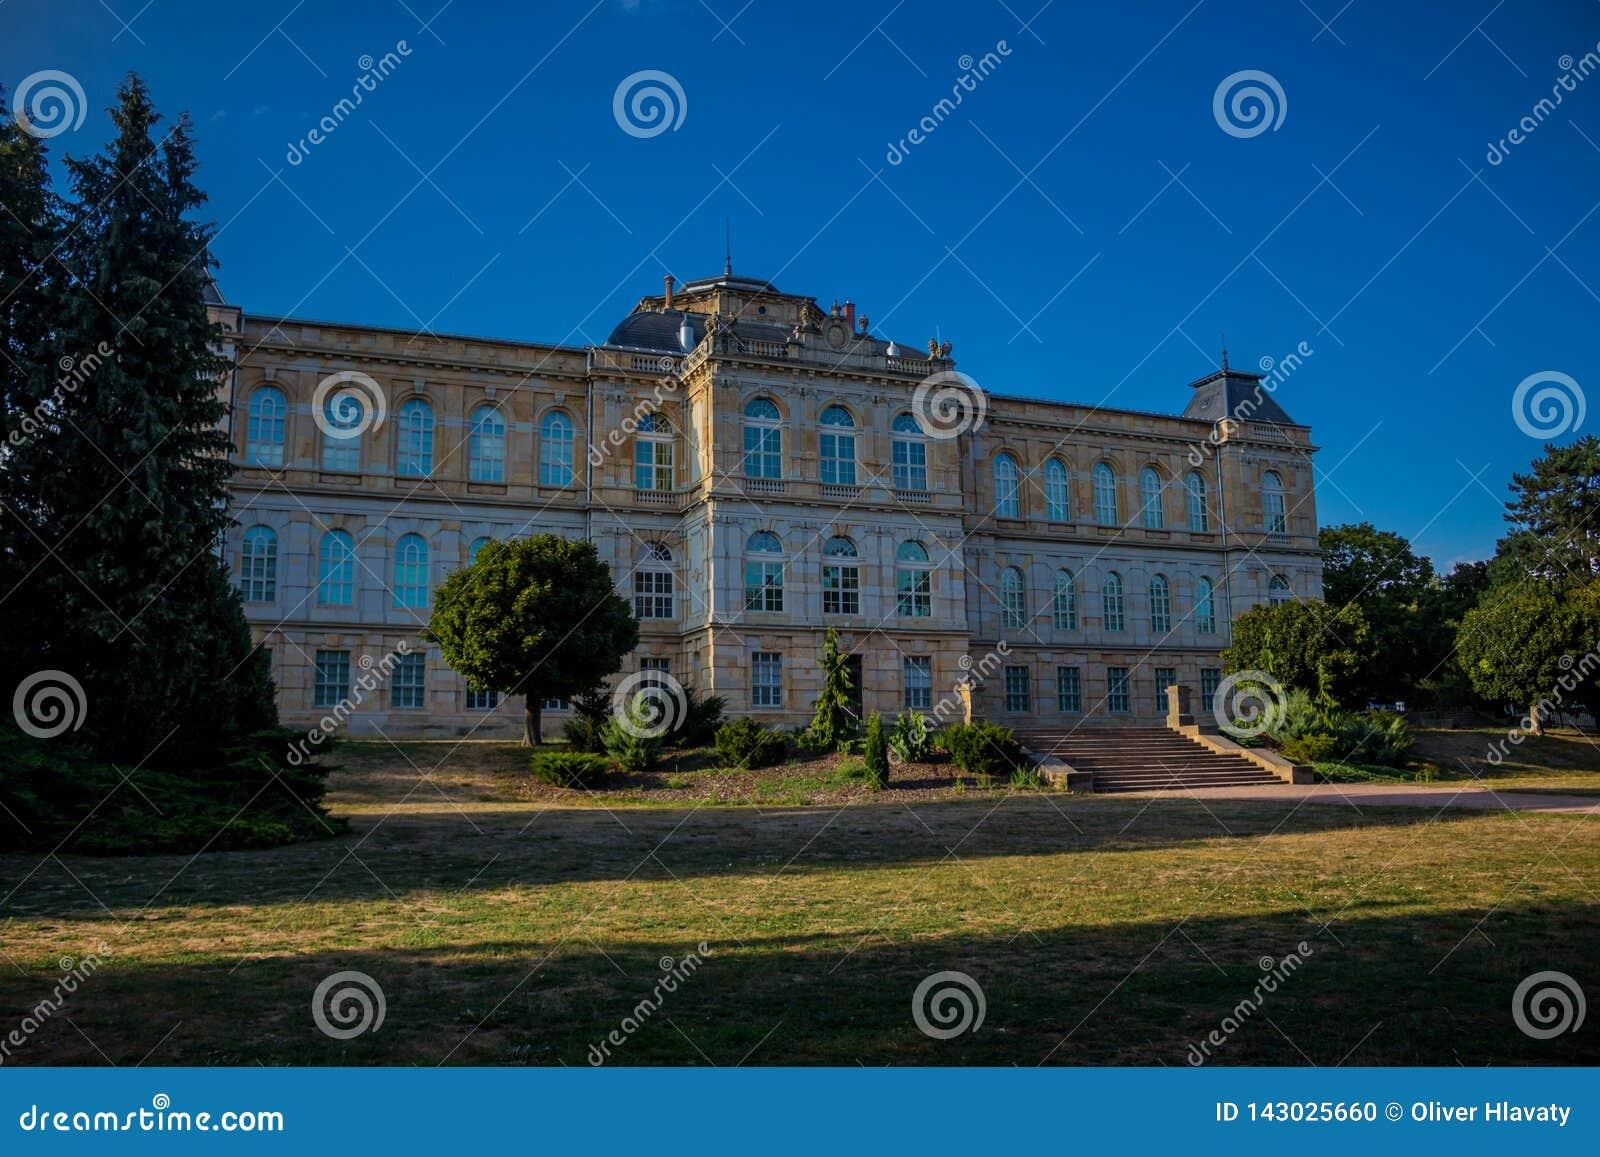 Día acogedor en el paisaje del parque en Gotha